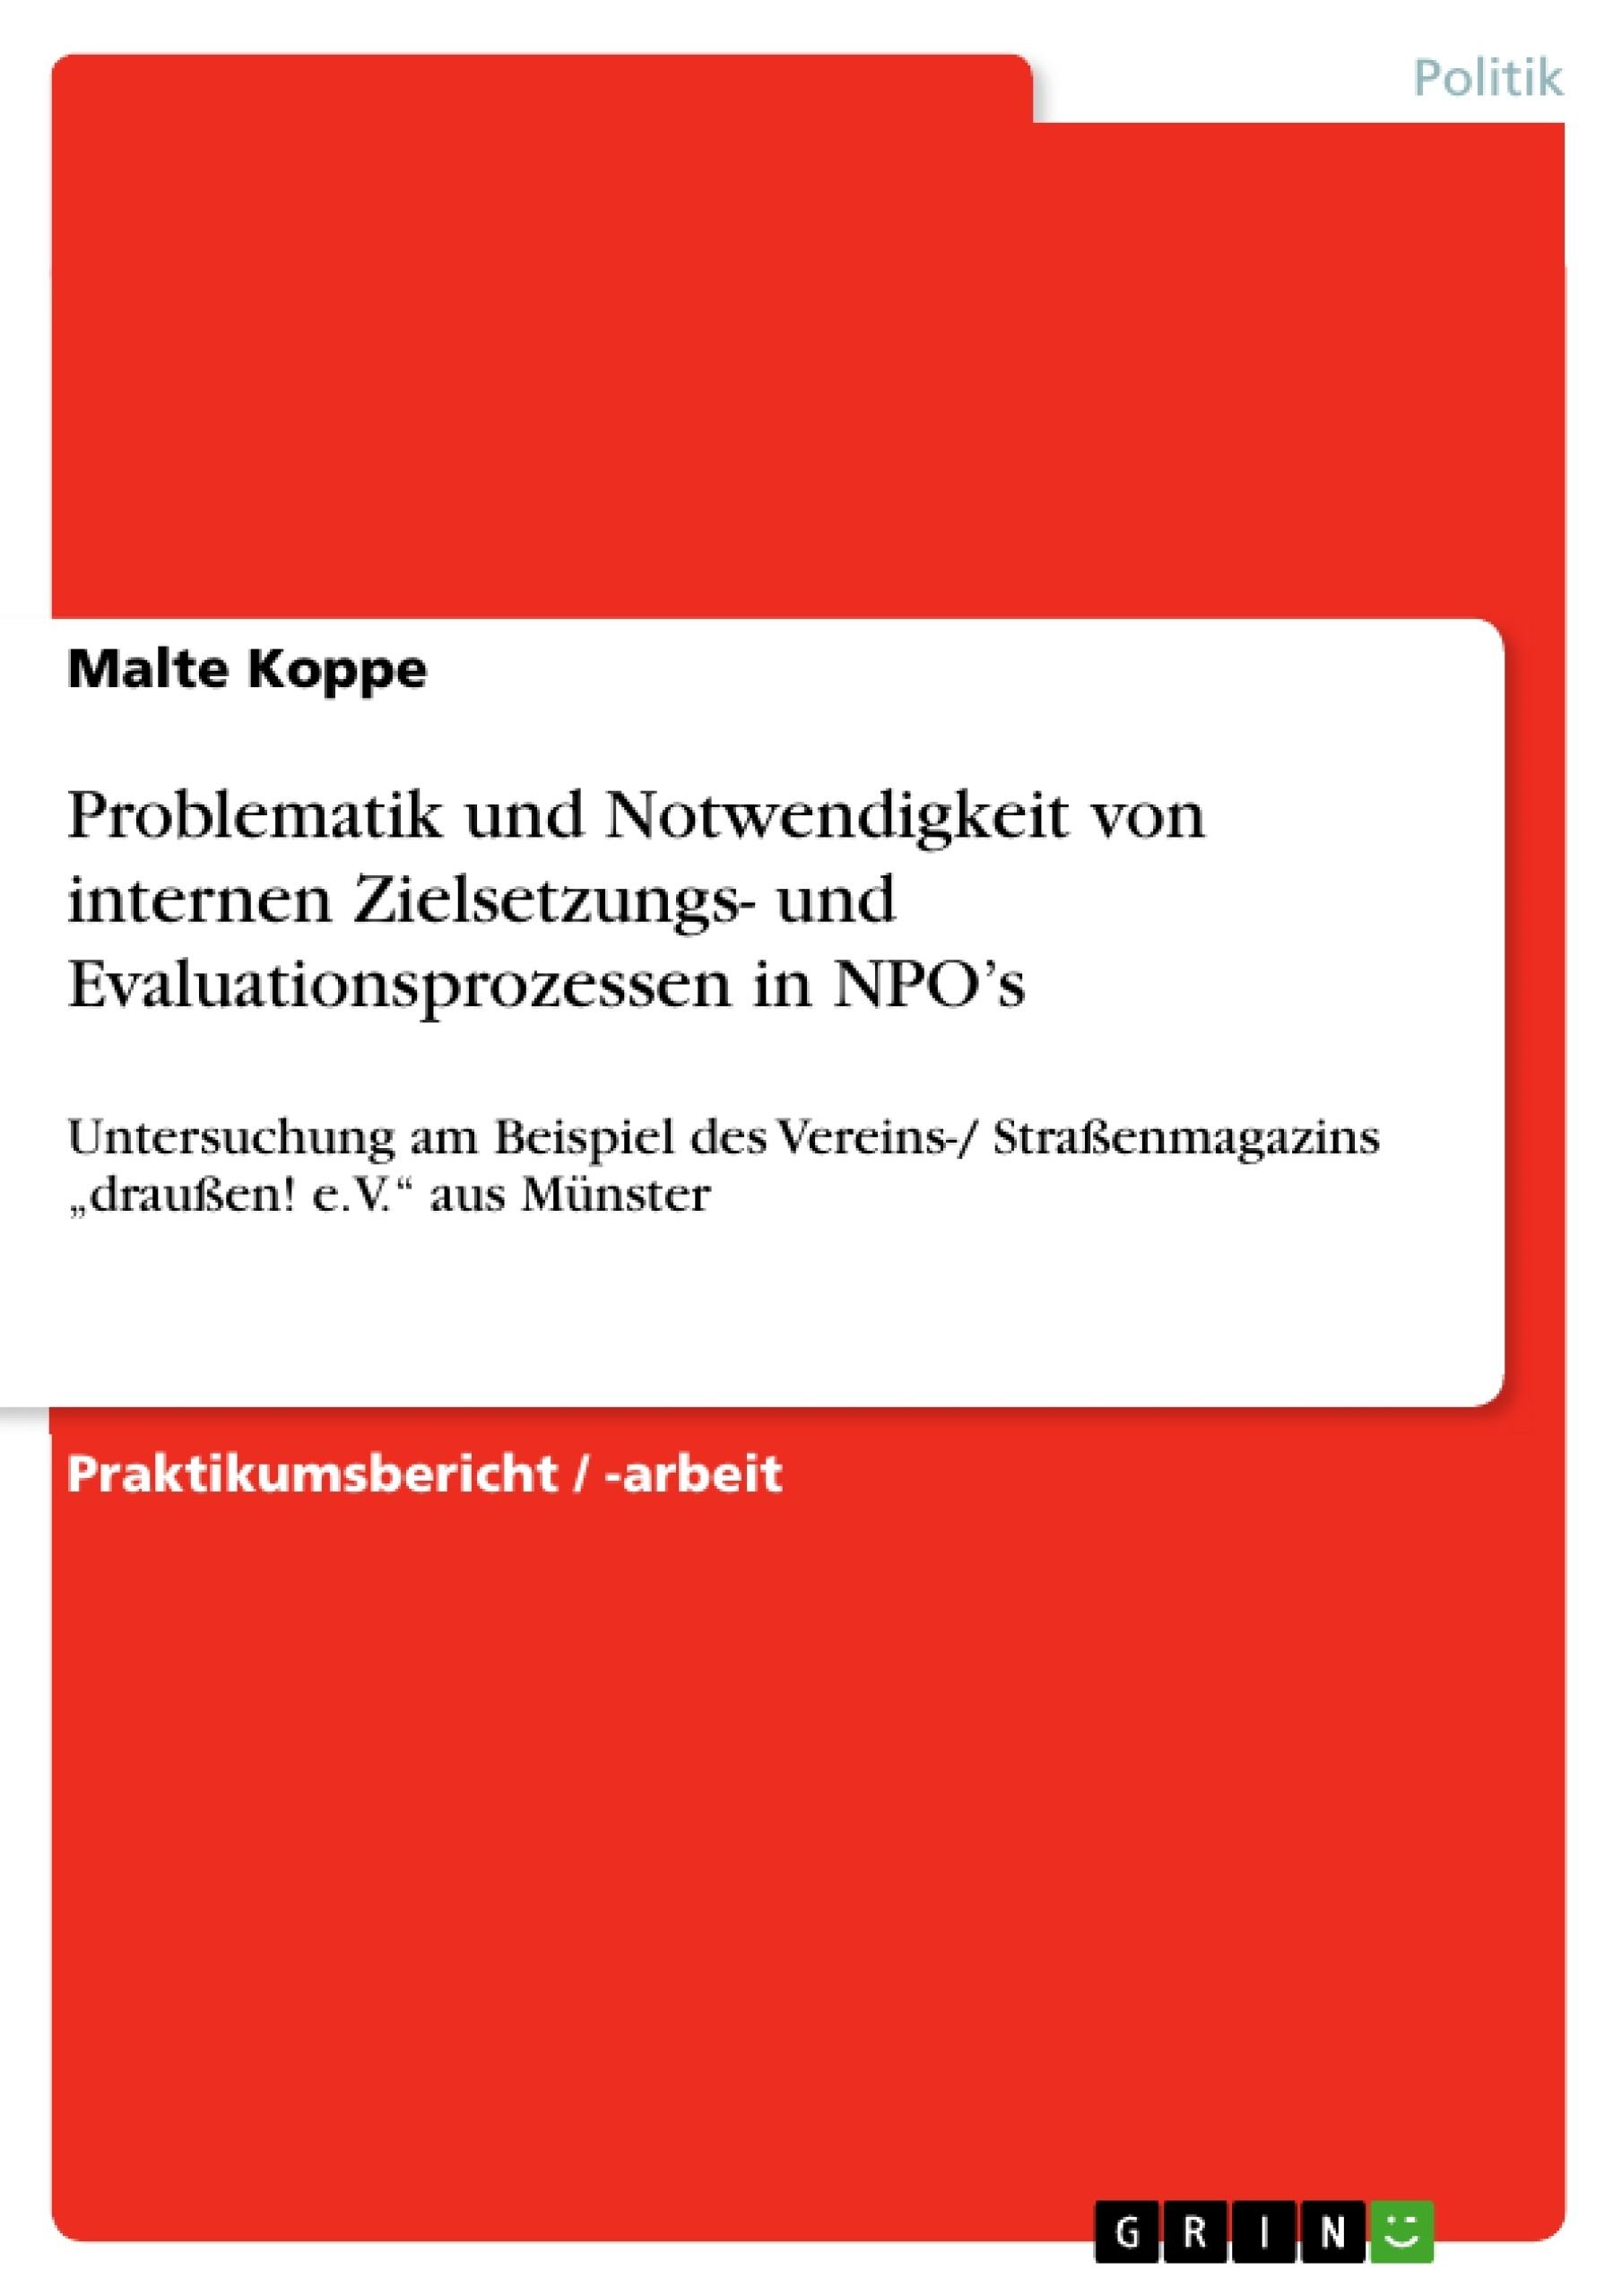 Titel: Problematik und Notwendigkeit von internen Zielsetzungs- und Evaluationsprozessen in NPO's